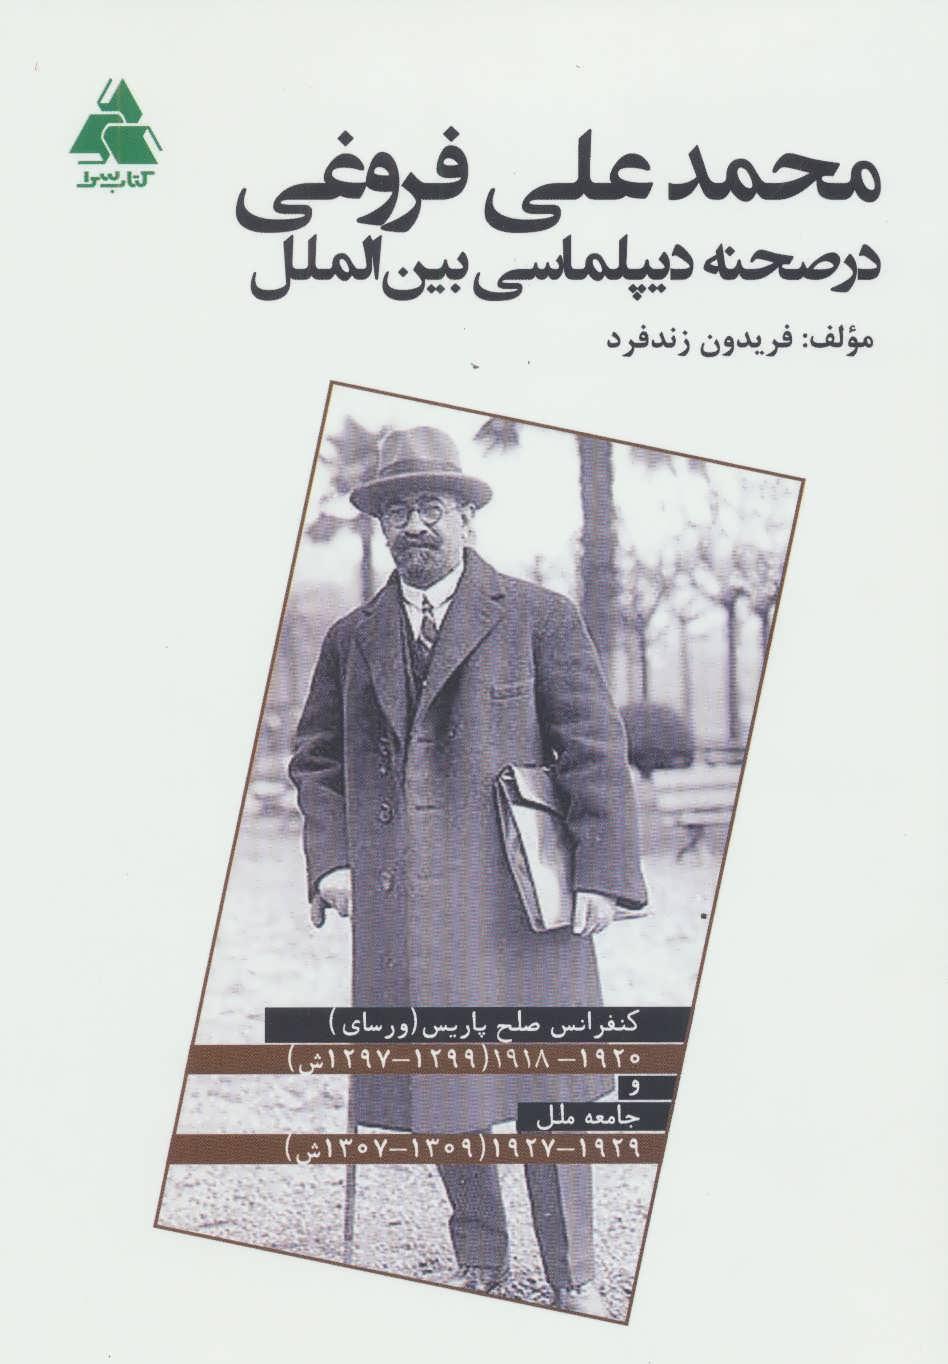 کتاب محمدعلی فروغی در صحنه دیپلماسی بینالملل